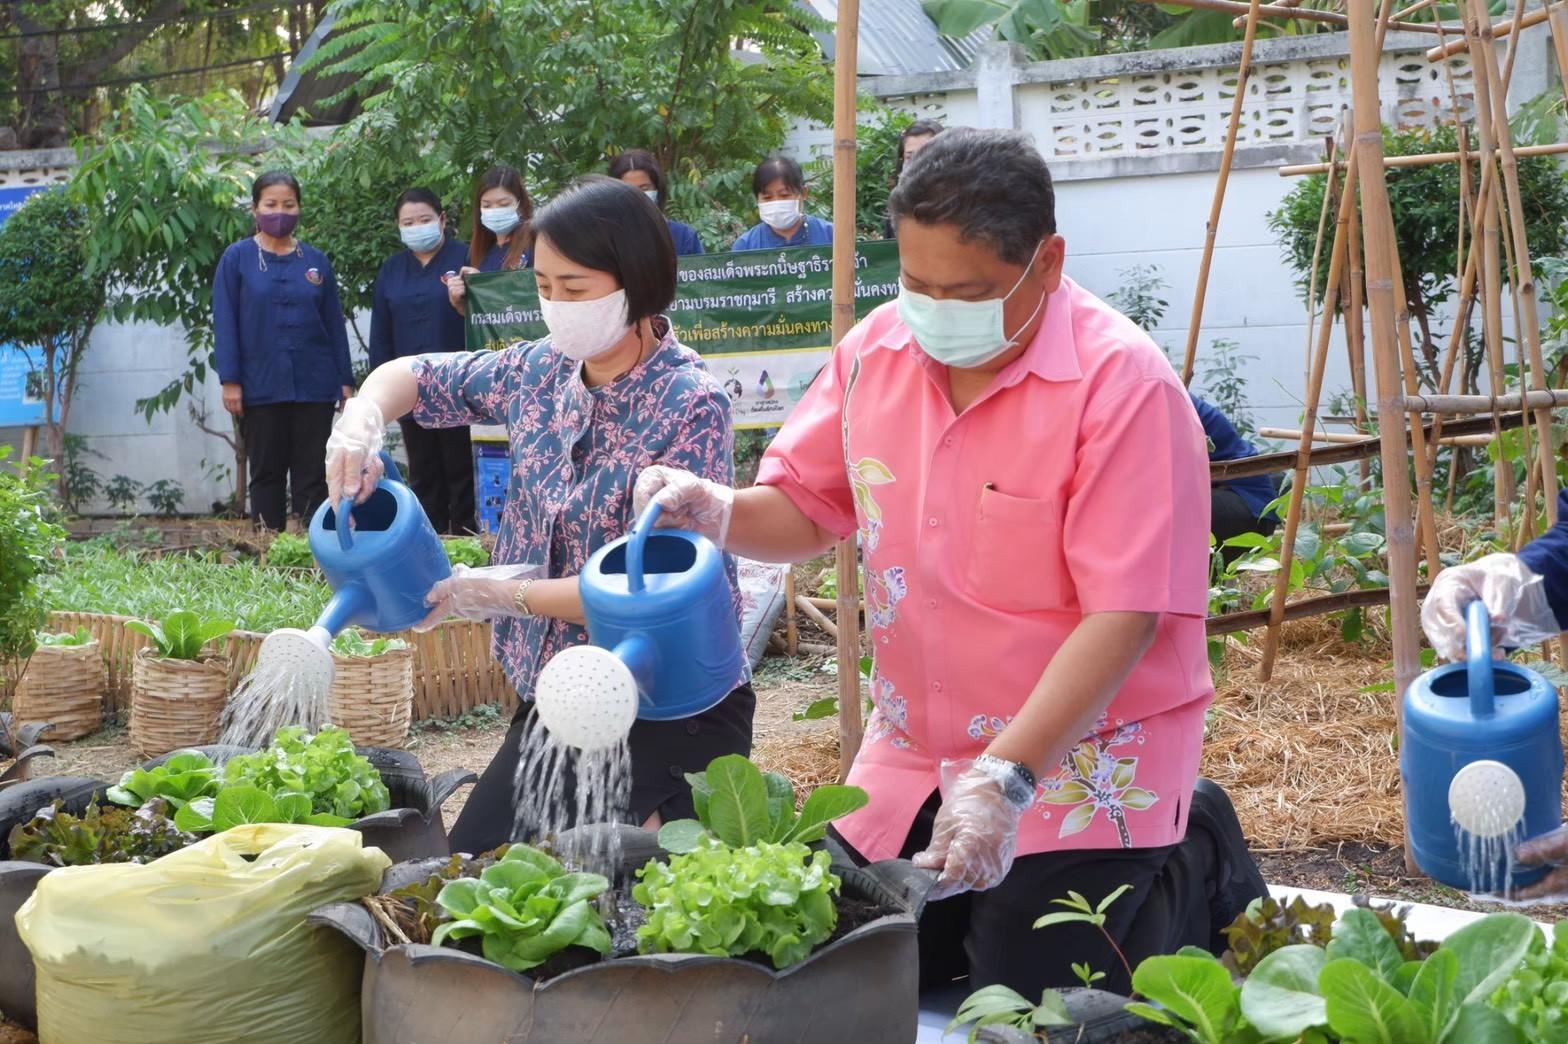 อธิบดีพช.เดินหน้าต่อรอบ 2 (ต่อเนื่อง) ชวนชาวไทยปลูกกระชาย-ฟ้าทลายโจร ขยายผลการดำเนินงานโครงการปลูกผักสวนครัว ด้วยพืชสมุนไพรไทย เพื่อป้องกันโรคติดเชื้อ แก่พี่น้องประชาชนทั่วประเทศ